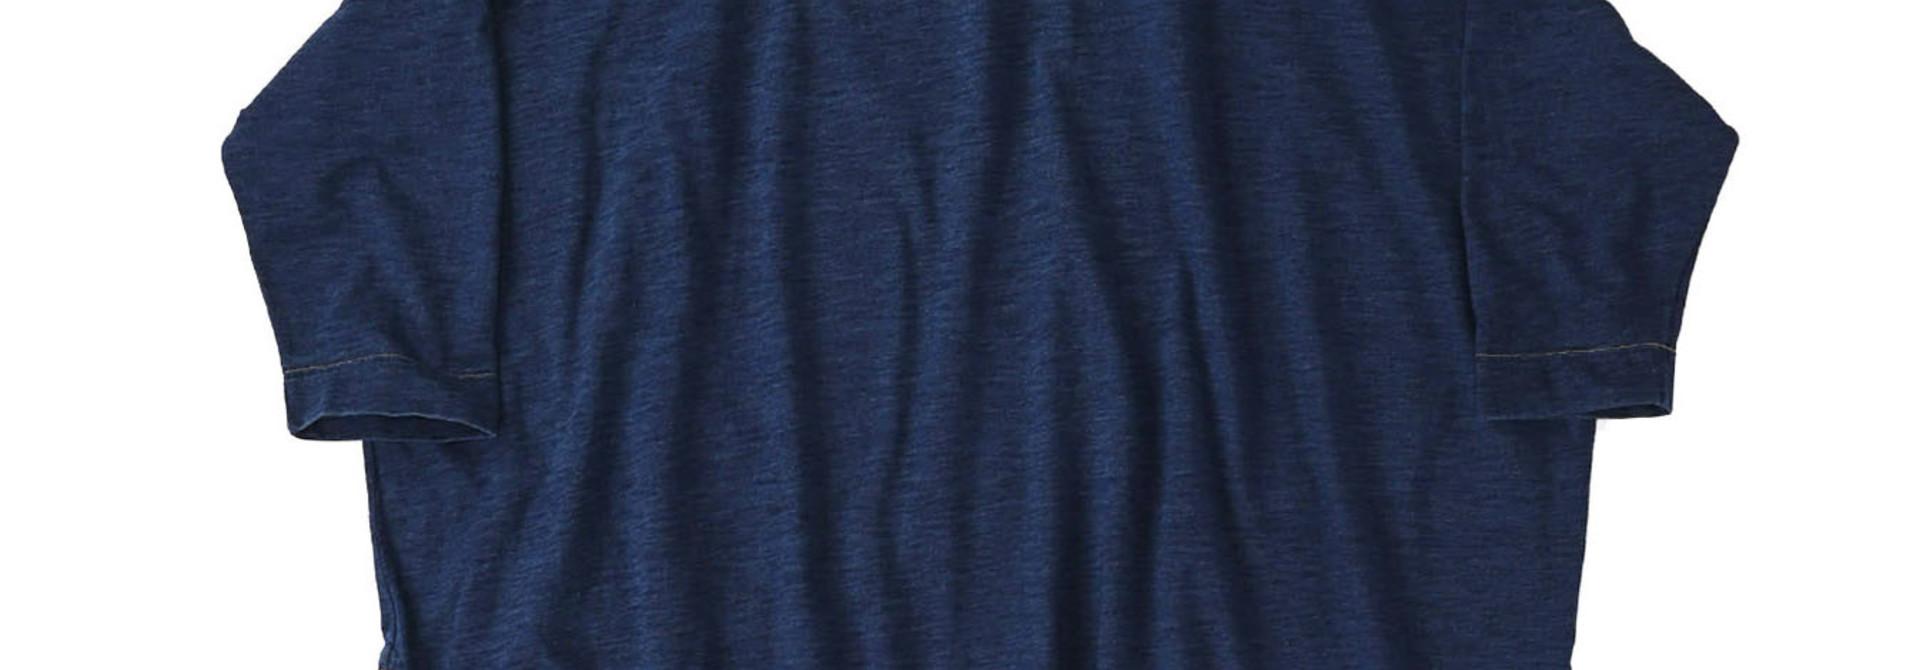 Indigo Zyu Zimbabwe Cotton Big Slit T-shirt (0721)